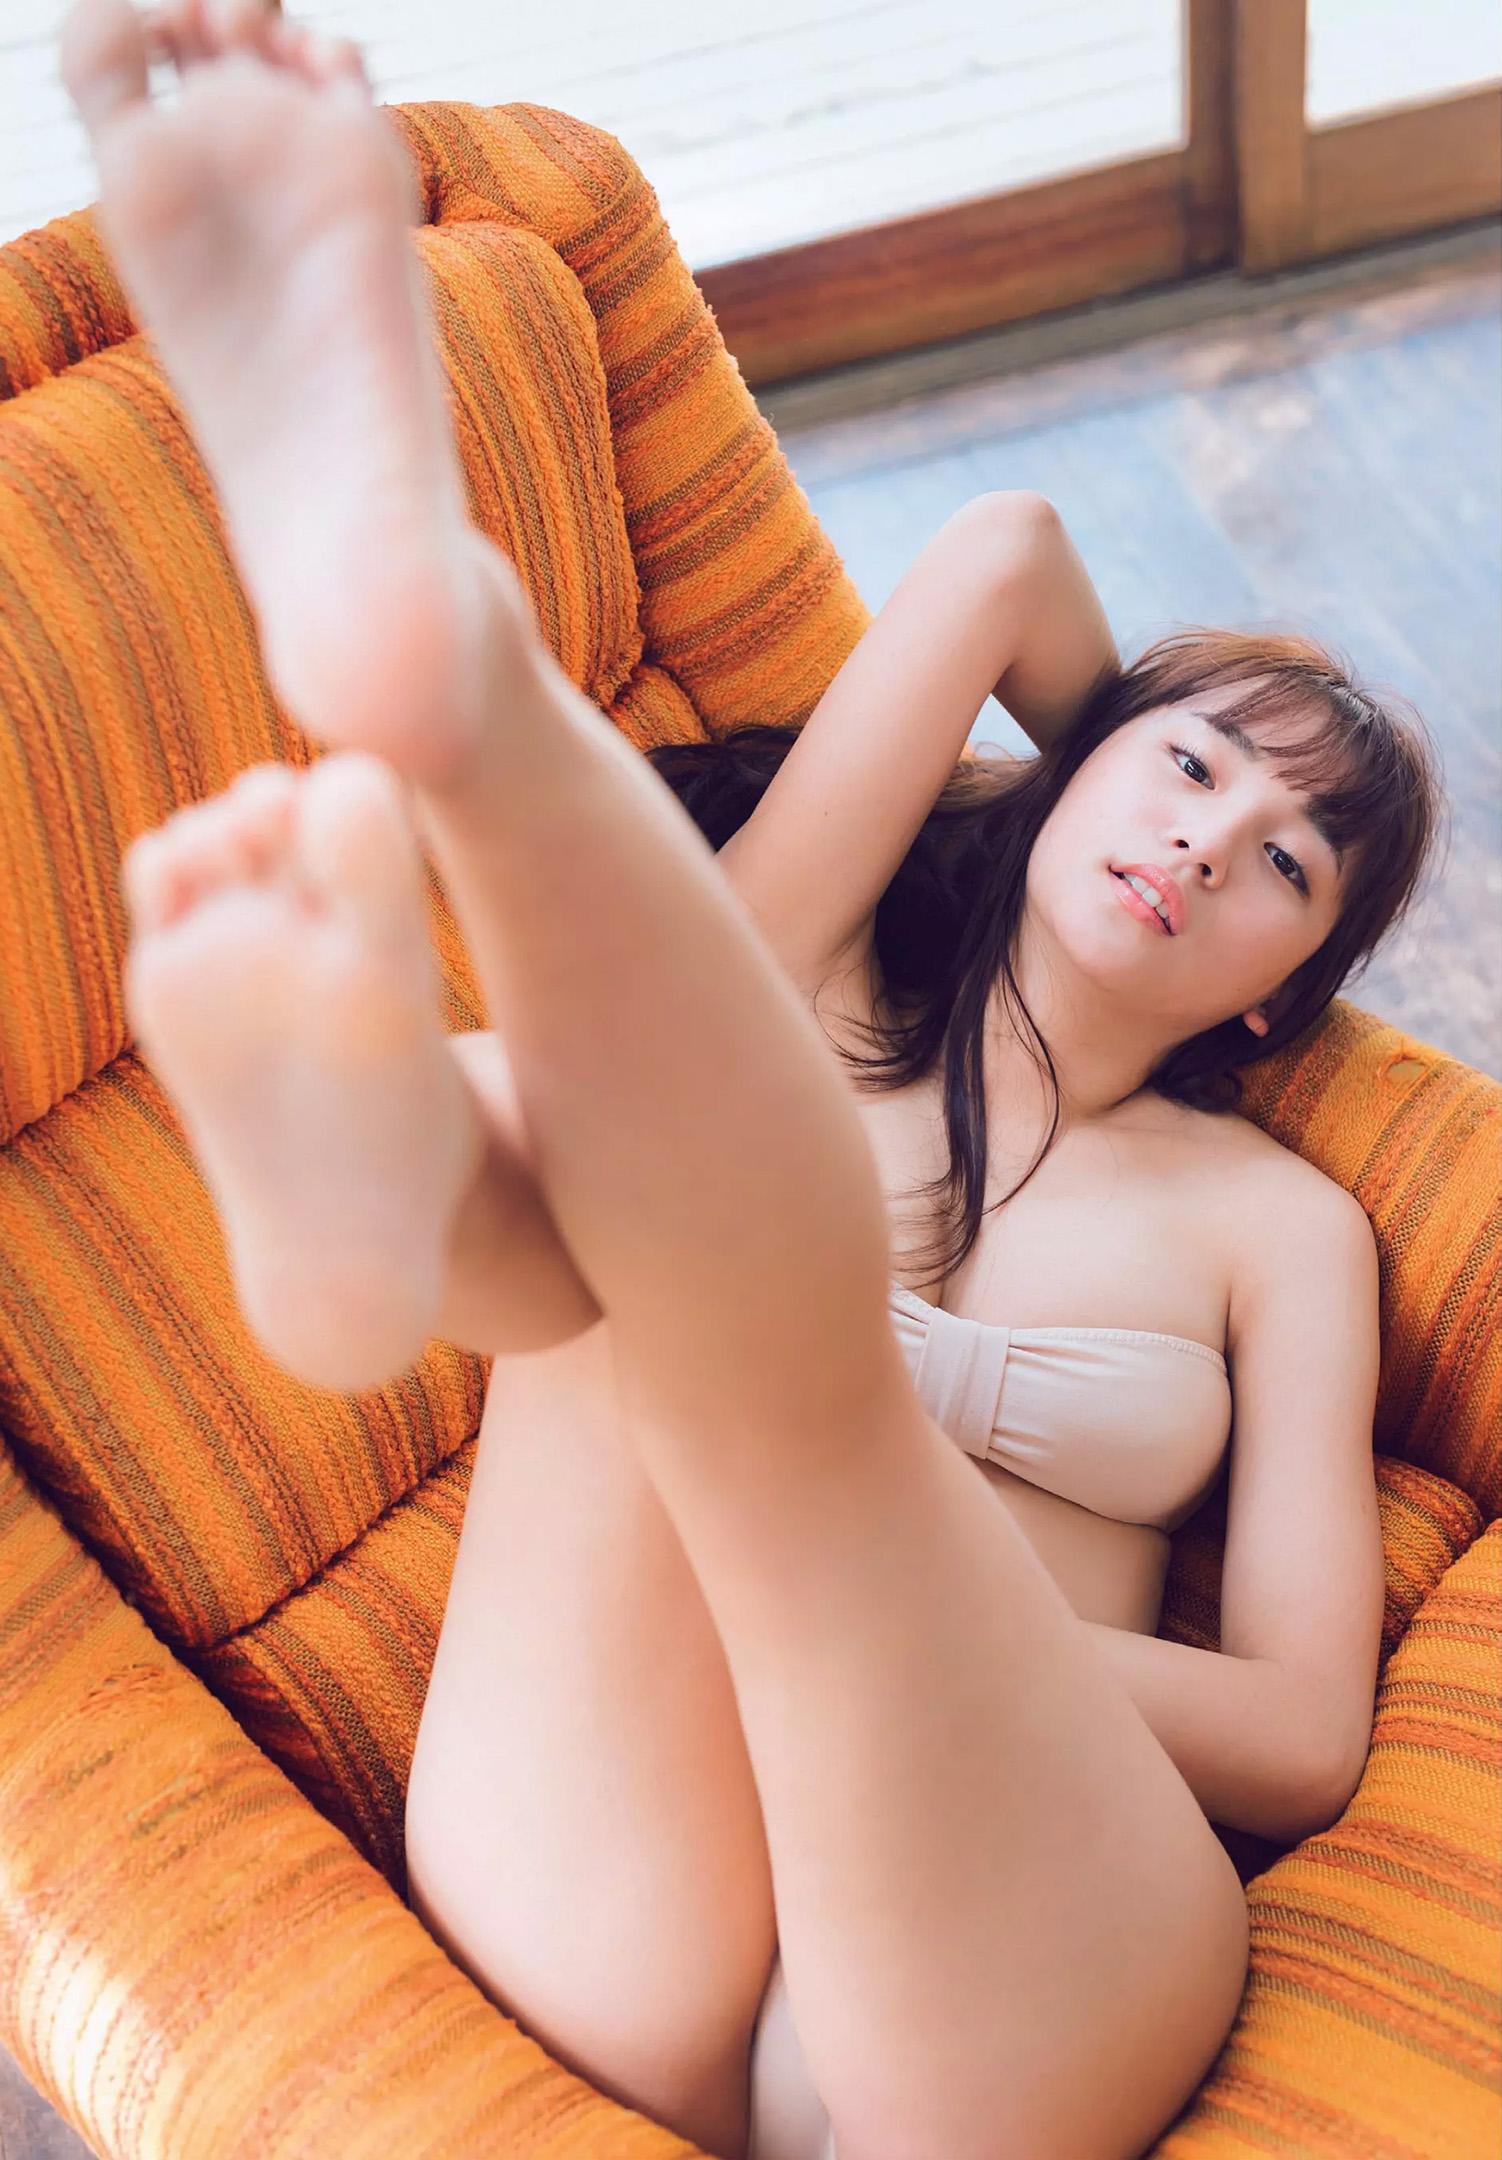 浅川梨奈 画像 151